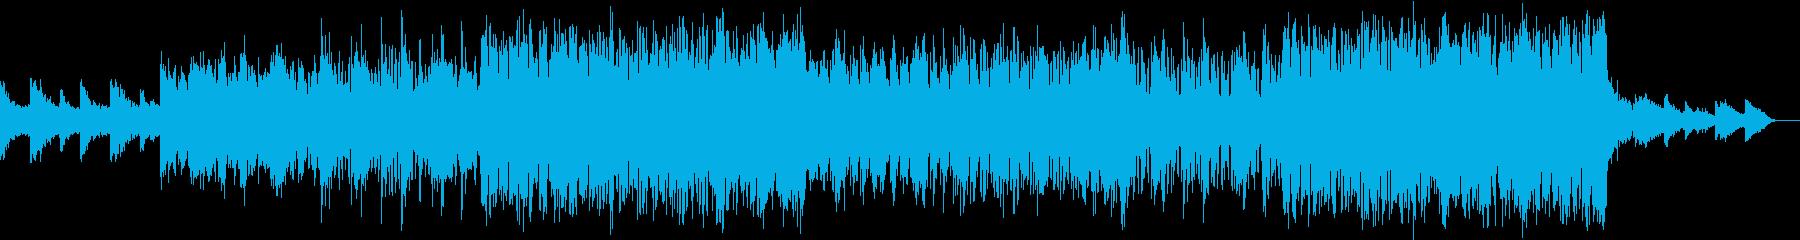 壮大な雰囲気のEDMの再生済みの波形